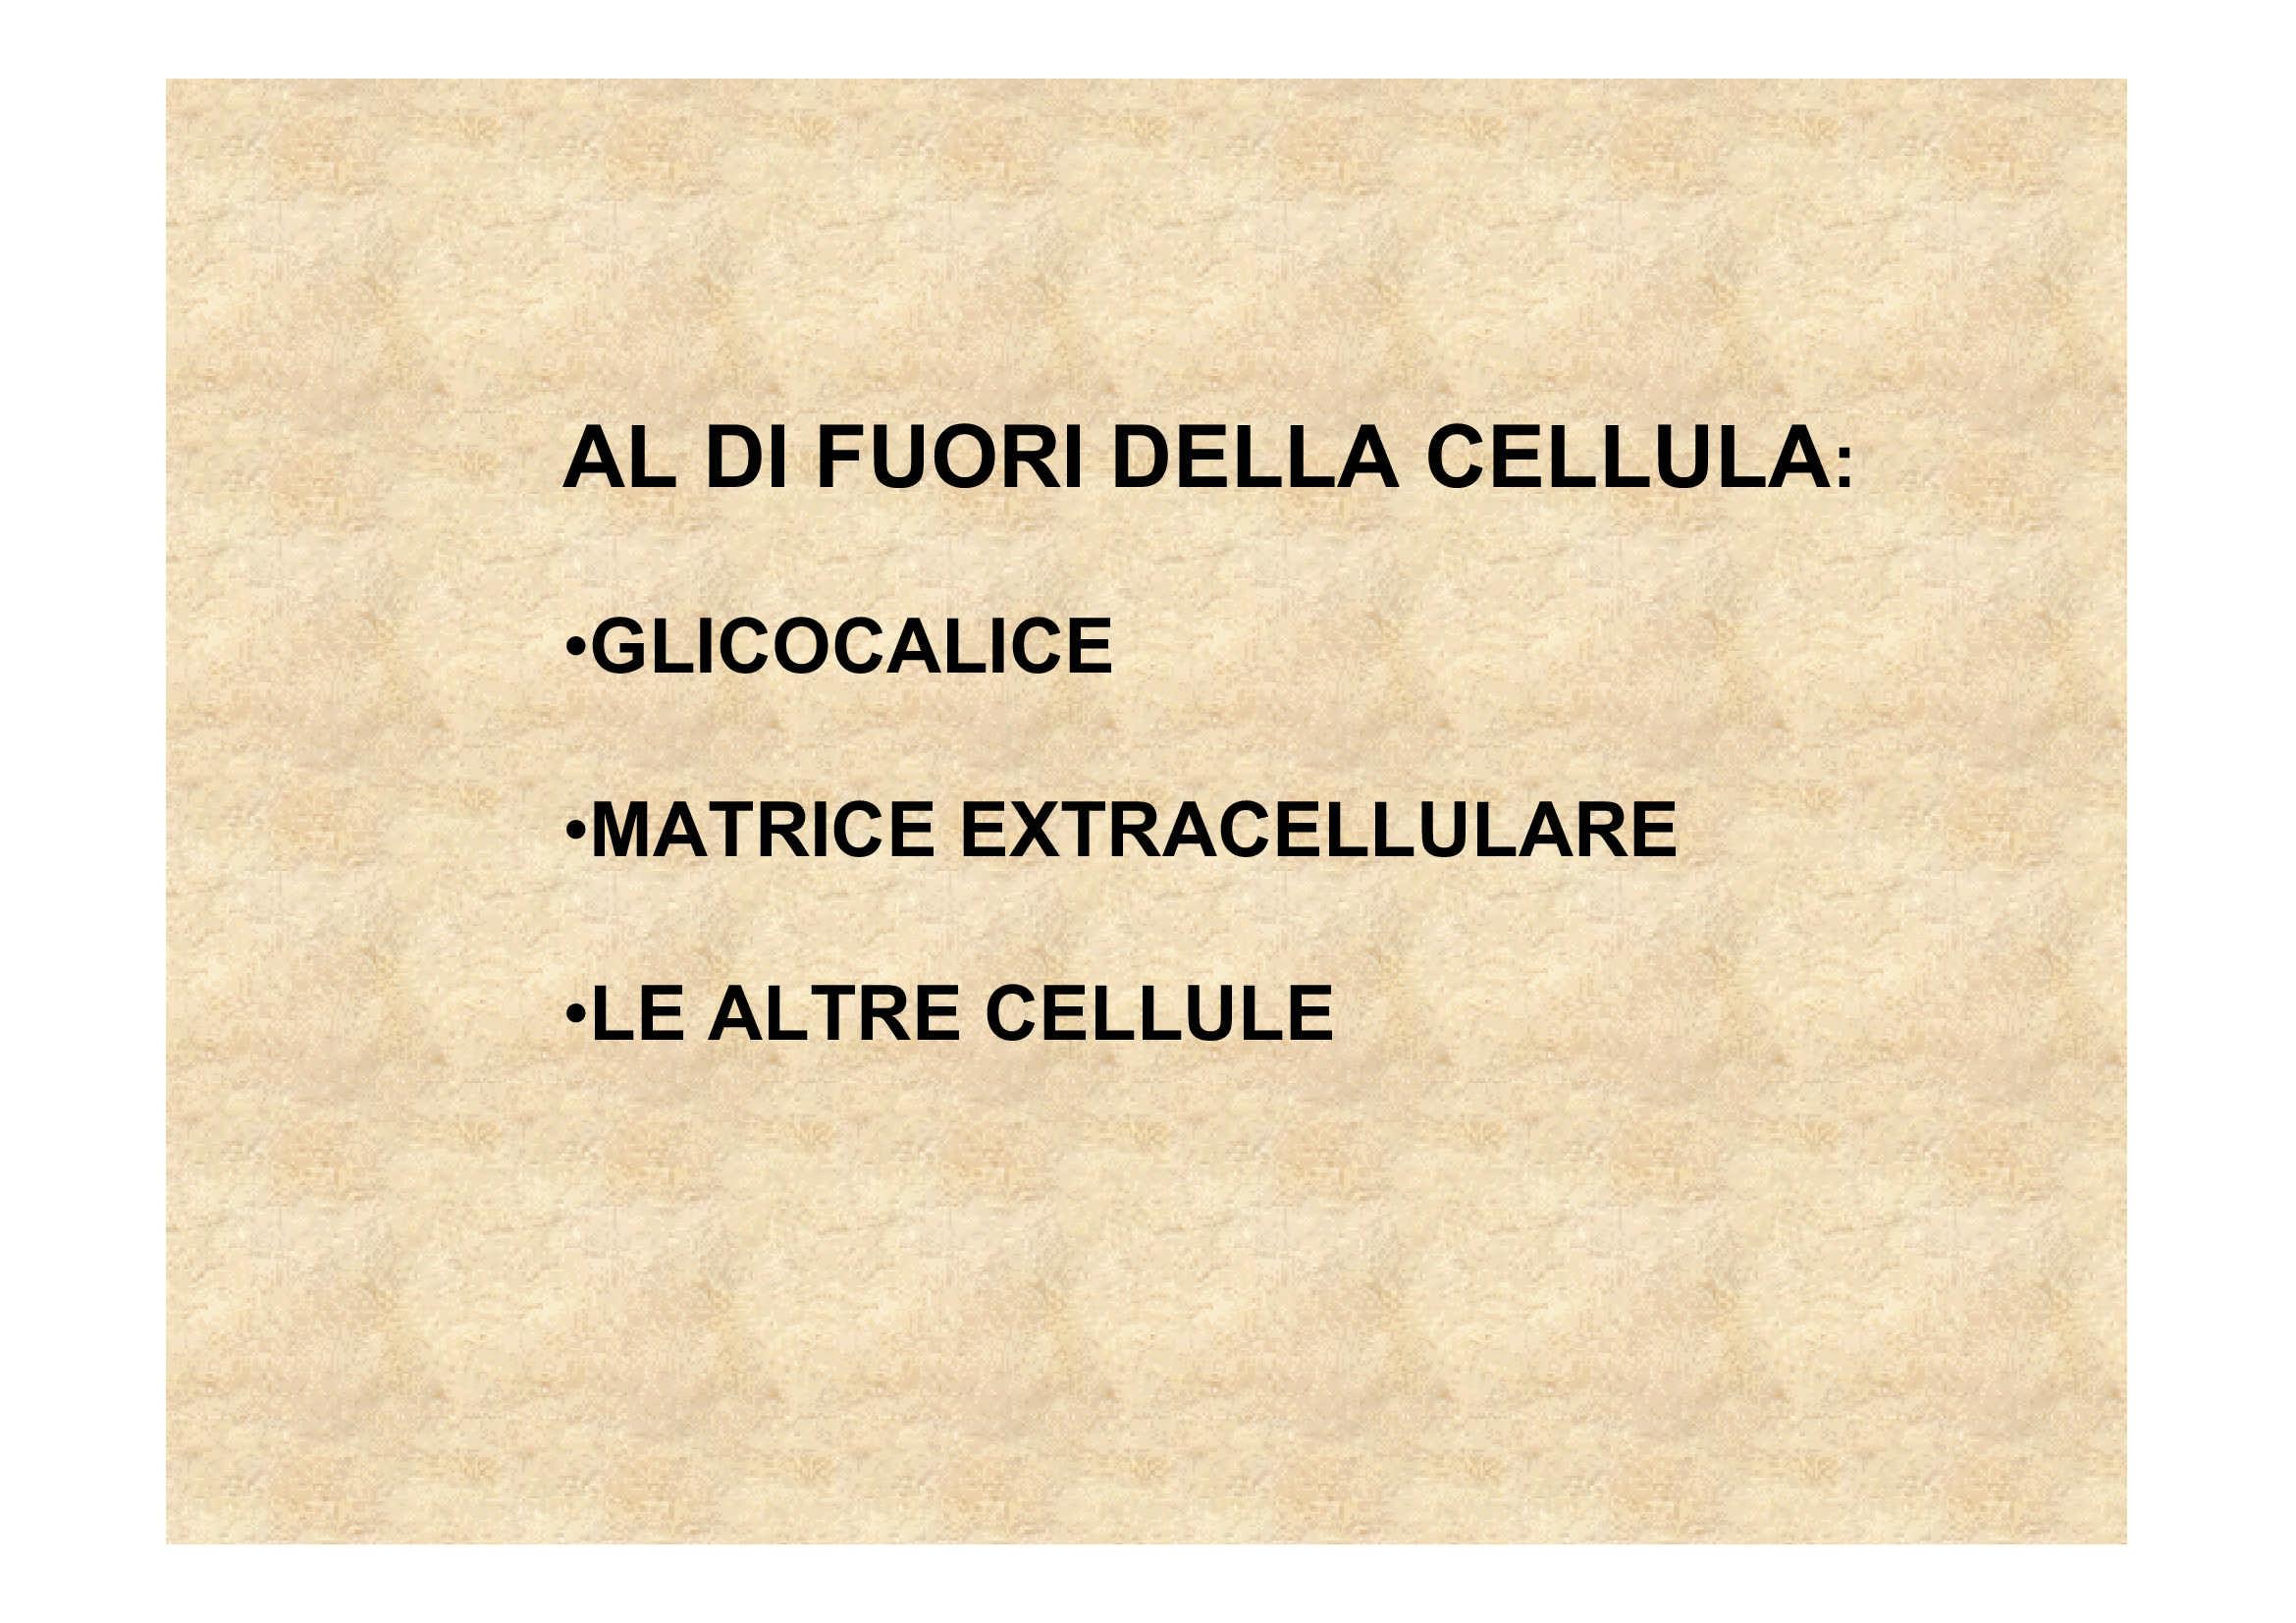 Matrice extracellulare e fibre di collagene